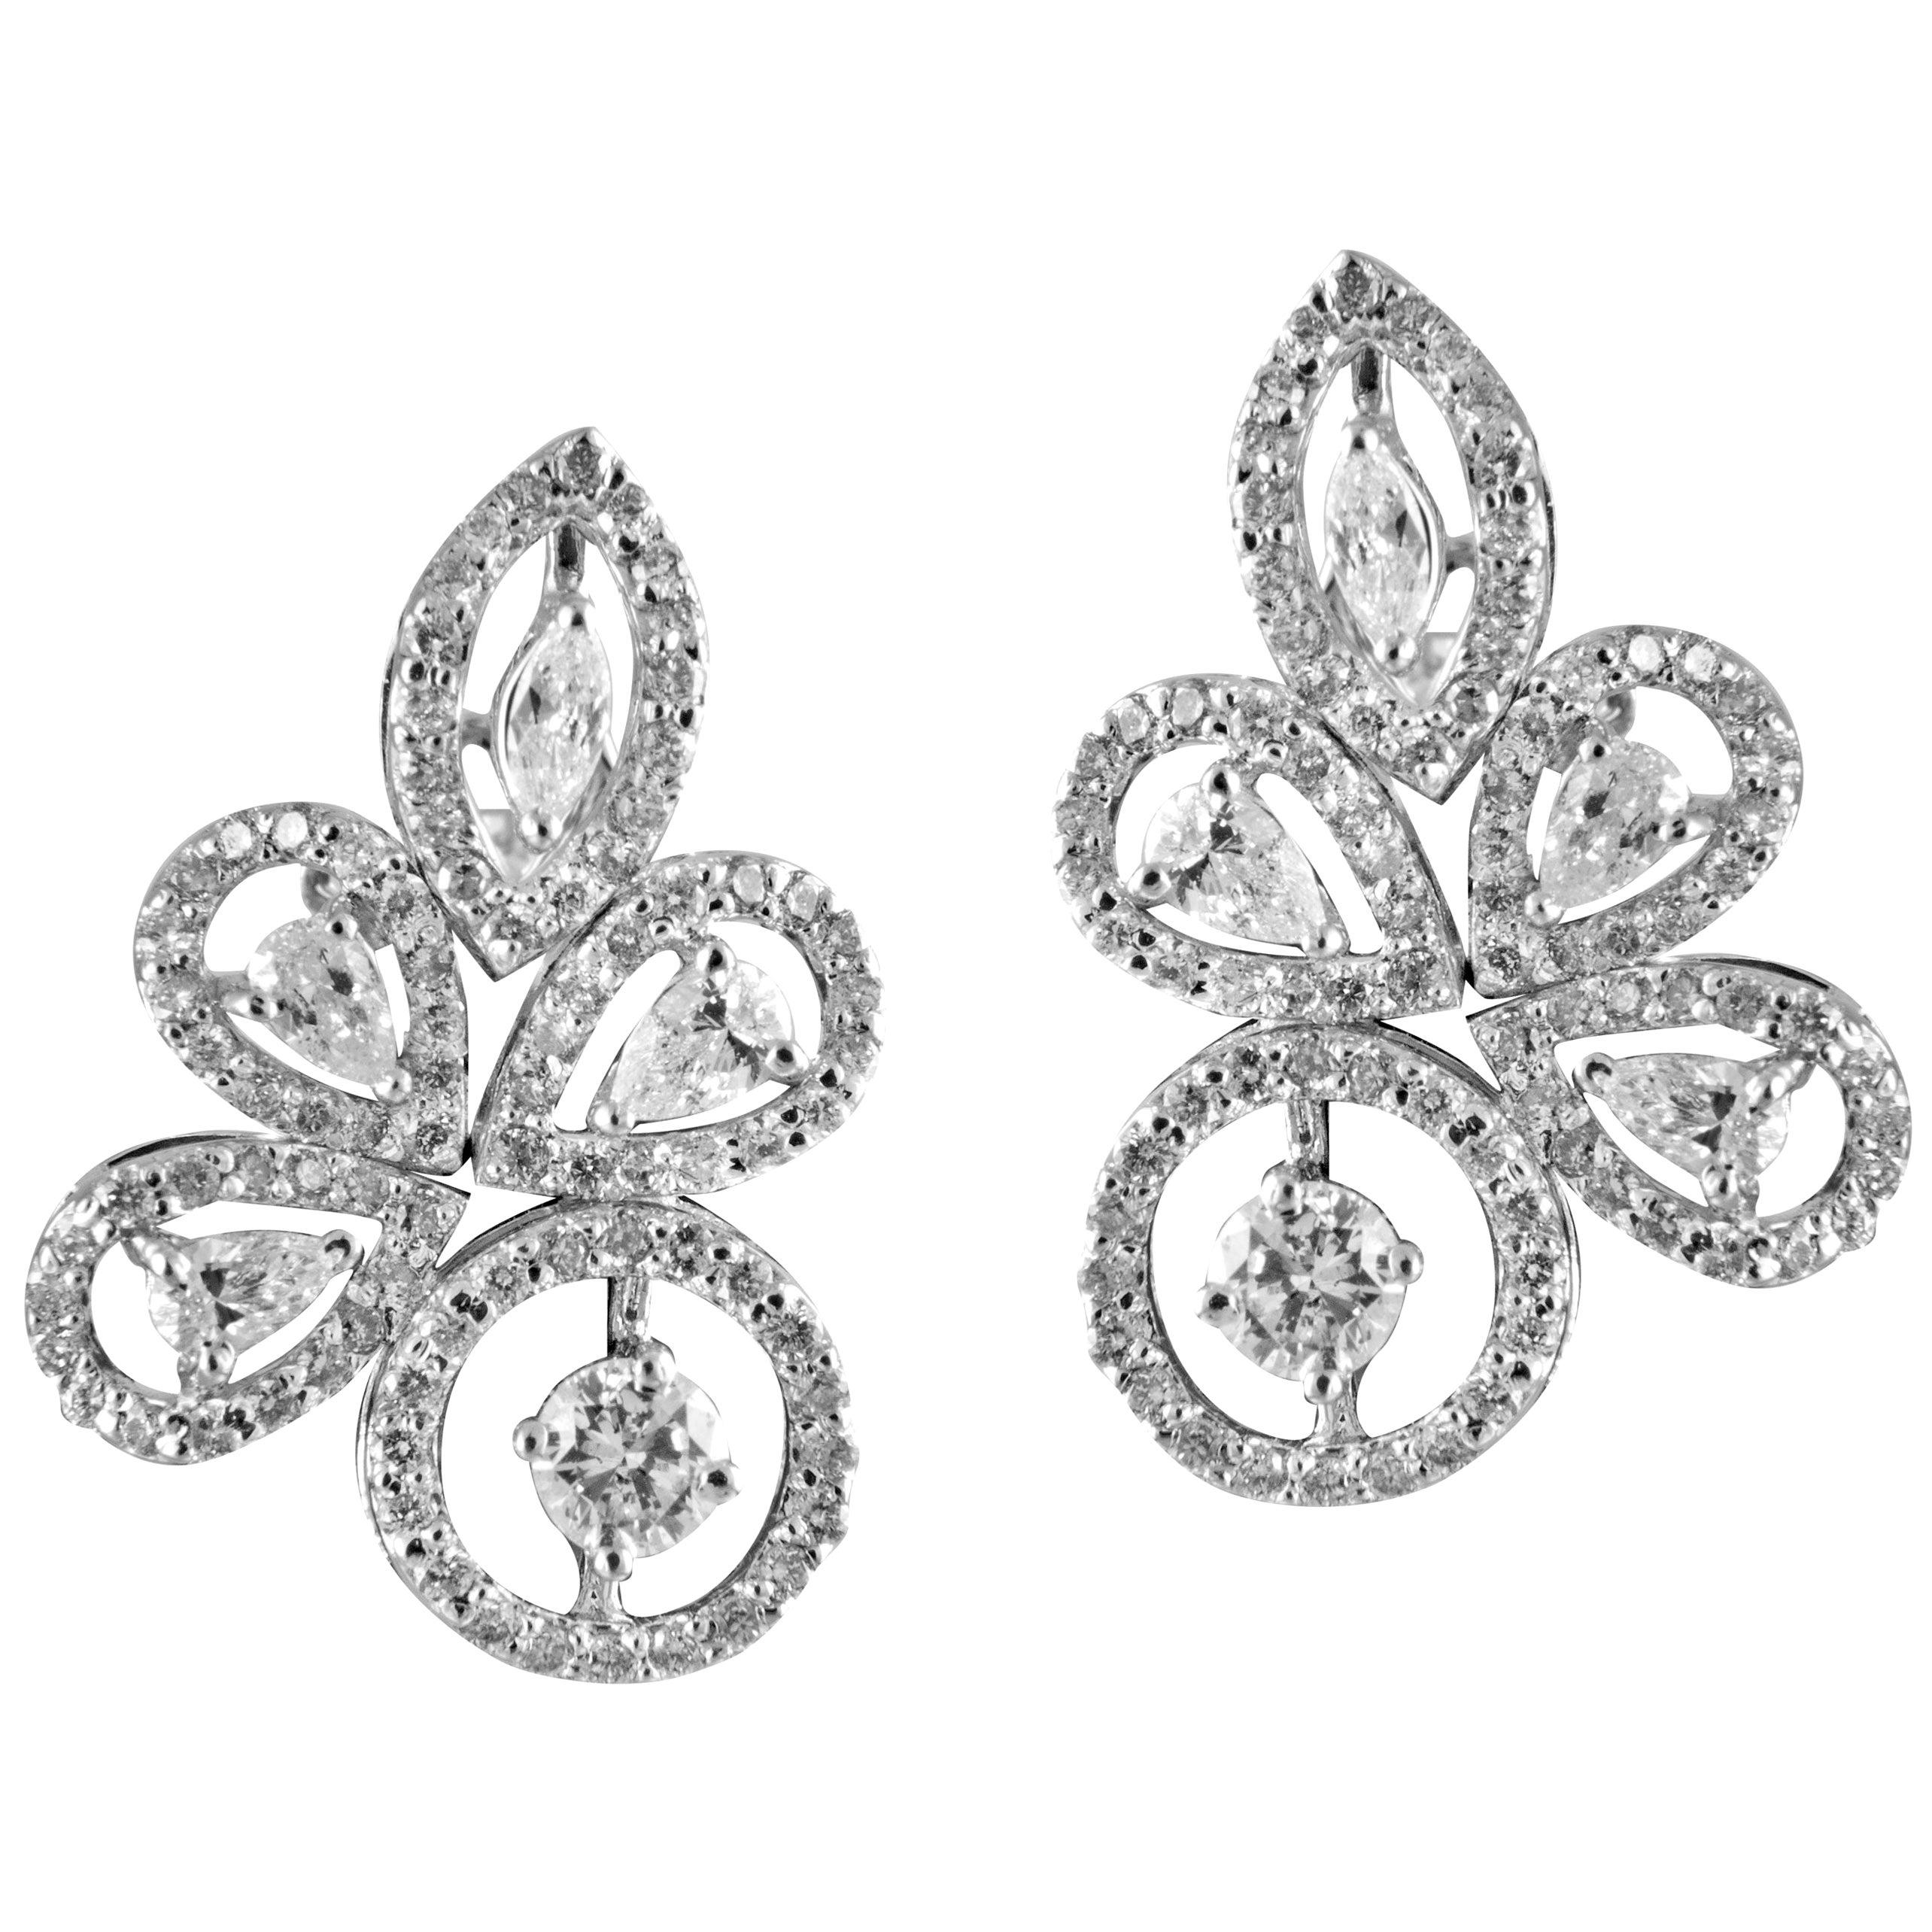 14 Karat White Gold White Diamond Stud Earrings